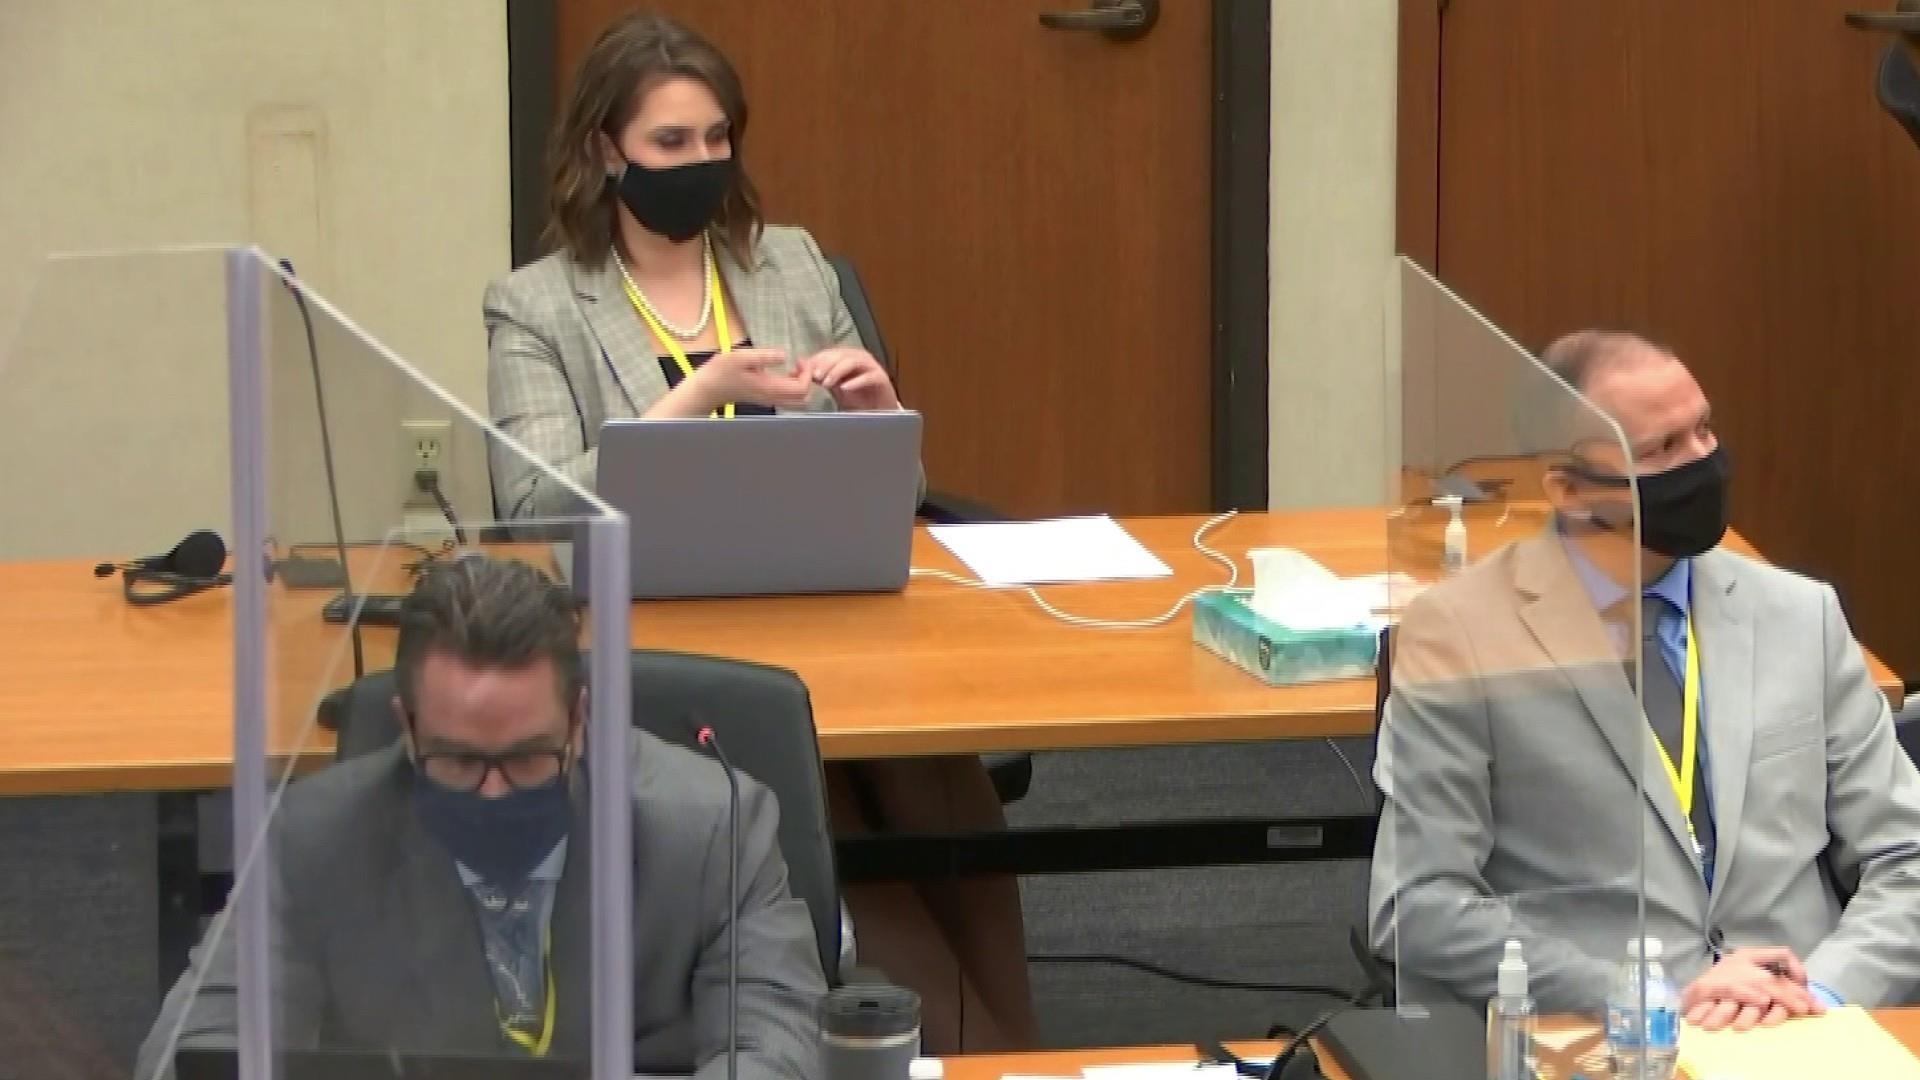 Jury selection underway in Derek Chauvins murder trial